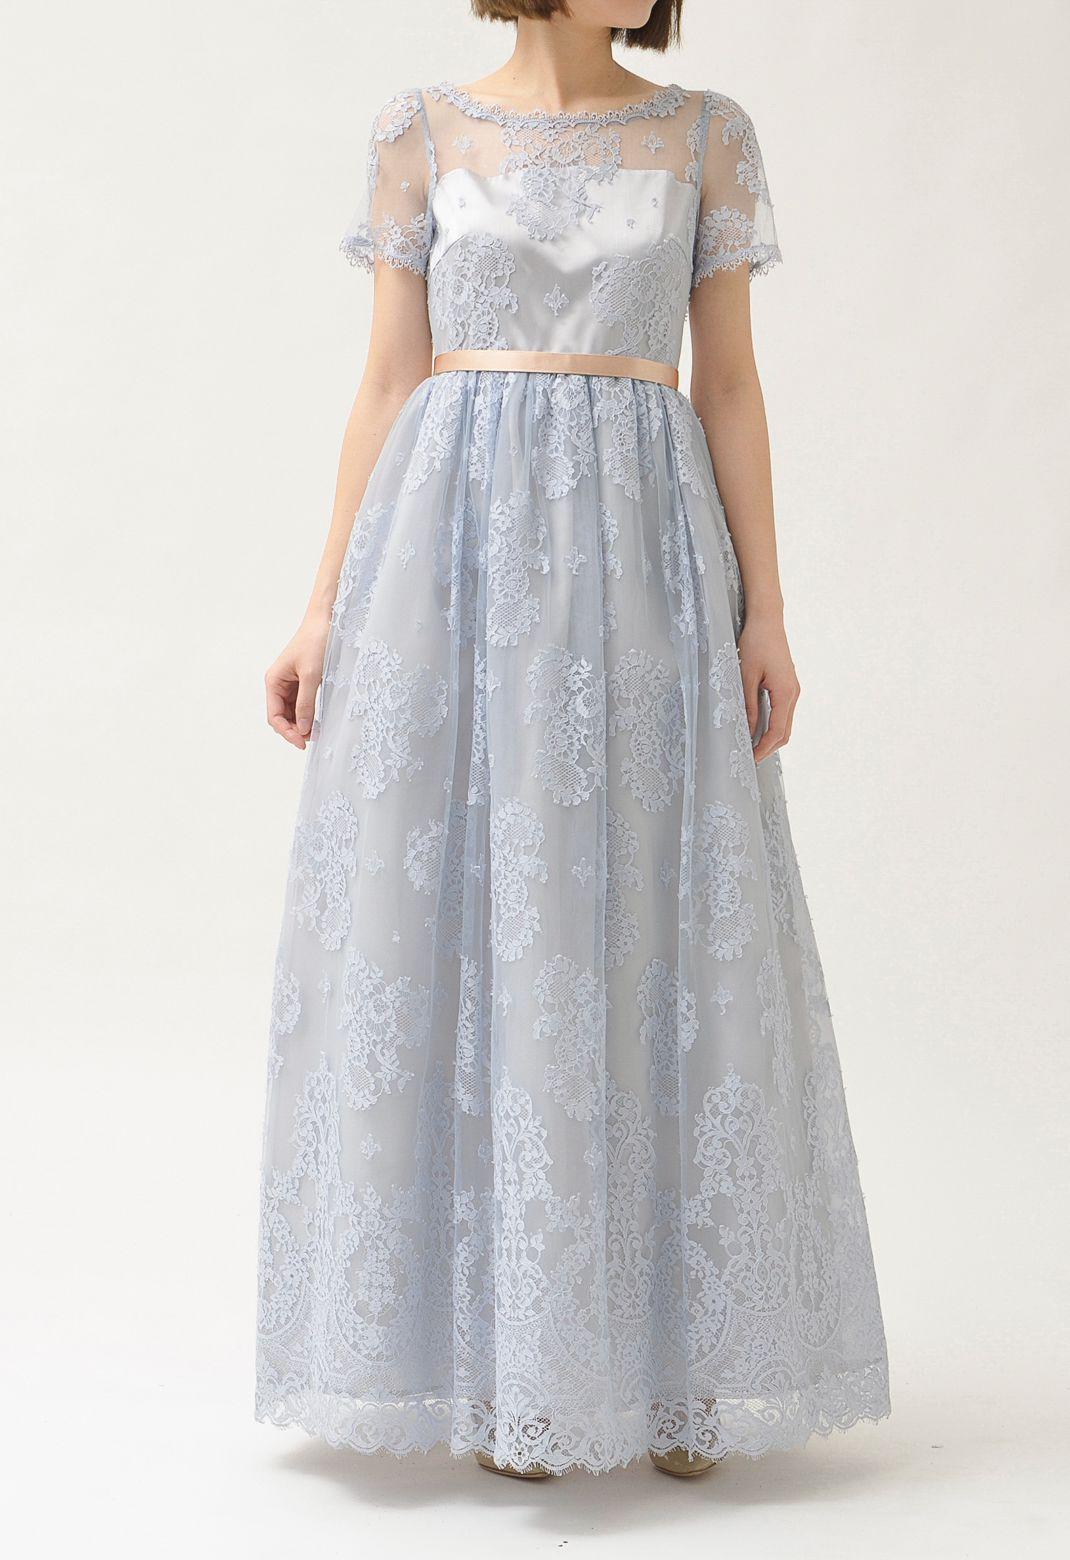 総レース チュチュ付き 半袖 ロングドレス